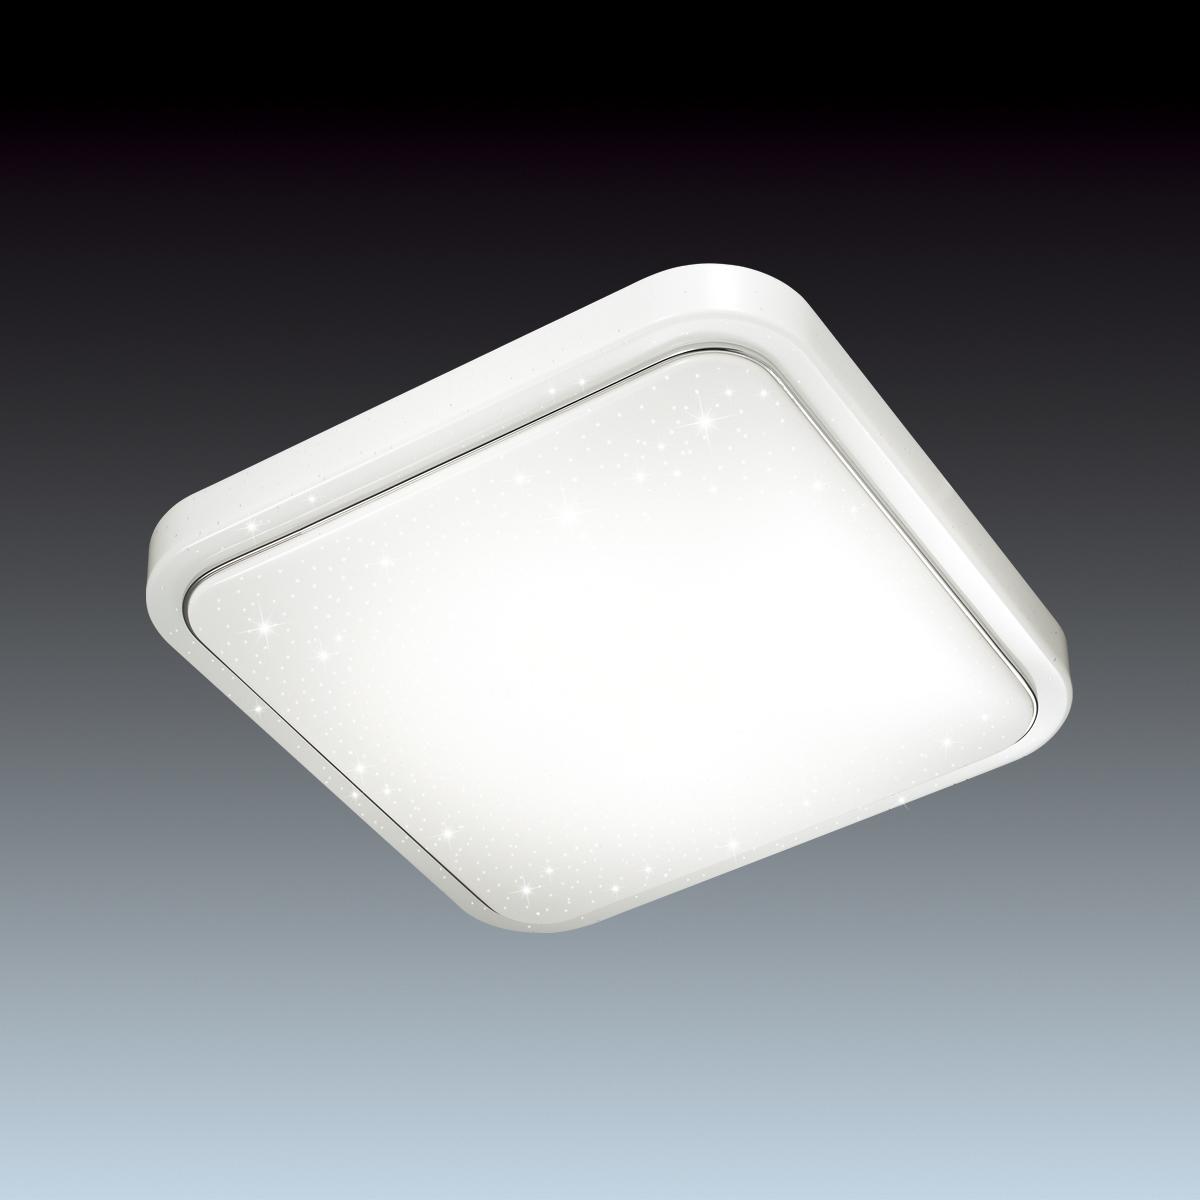 Потолочный светодиодный светильник Sonex Kvadri 2014/C, IP43, LED 28W 4000K 1419lm, белый, металл, пластик - фото 4